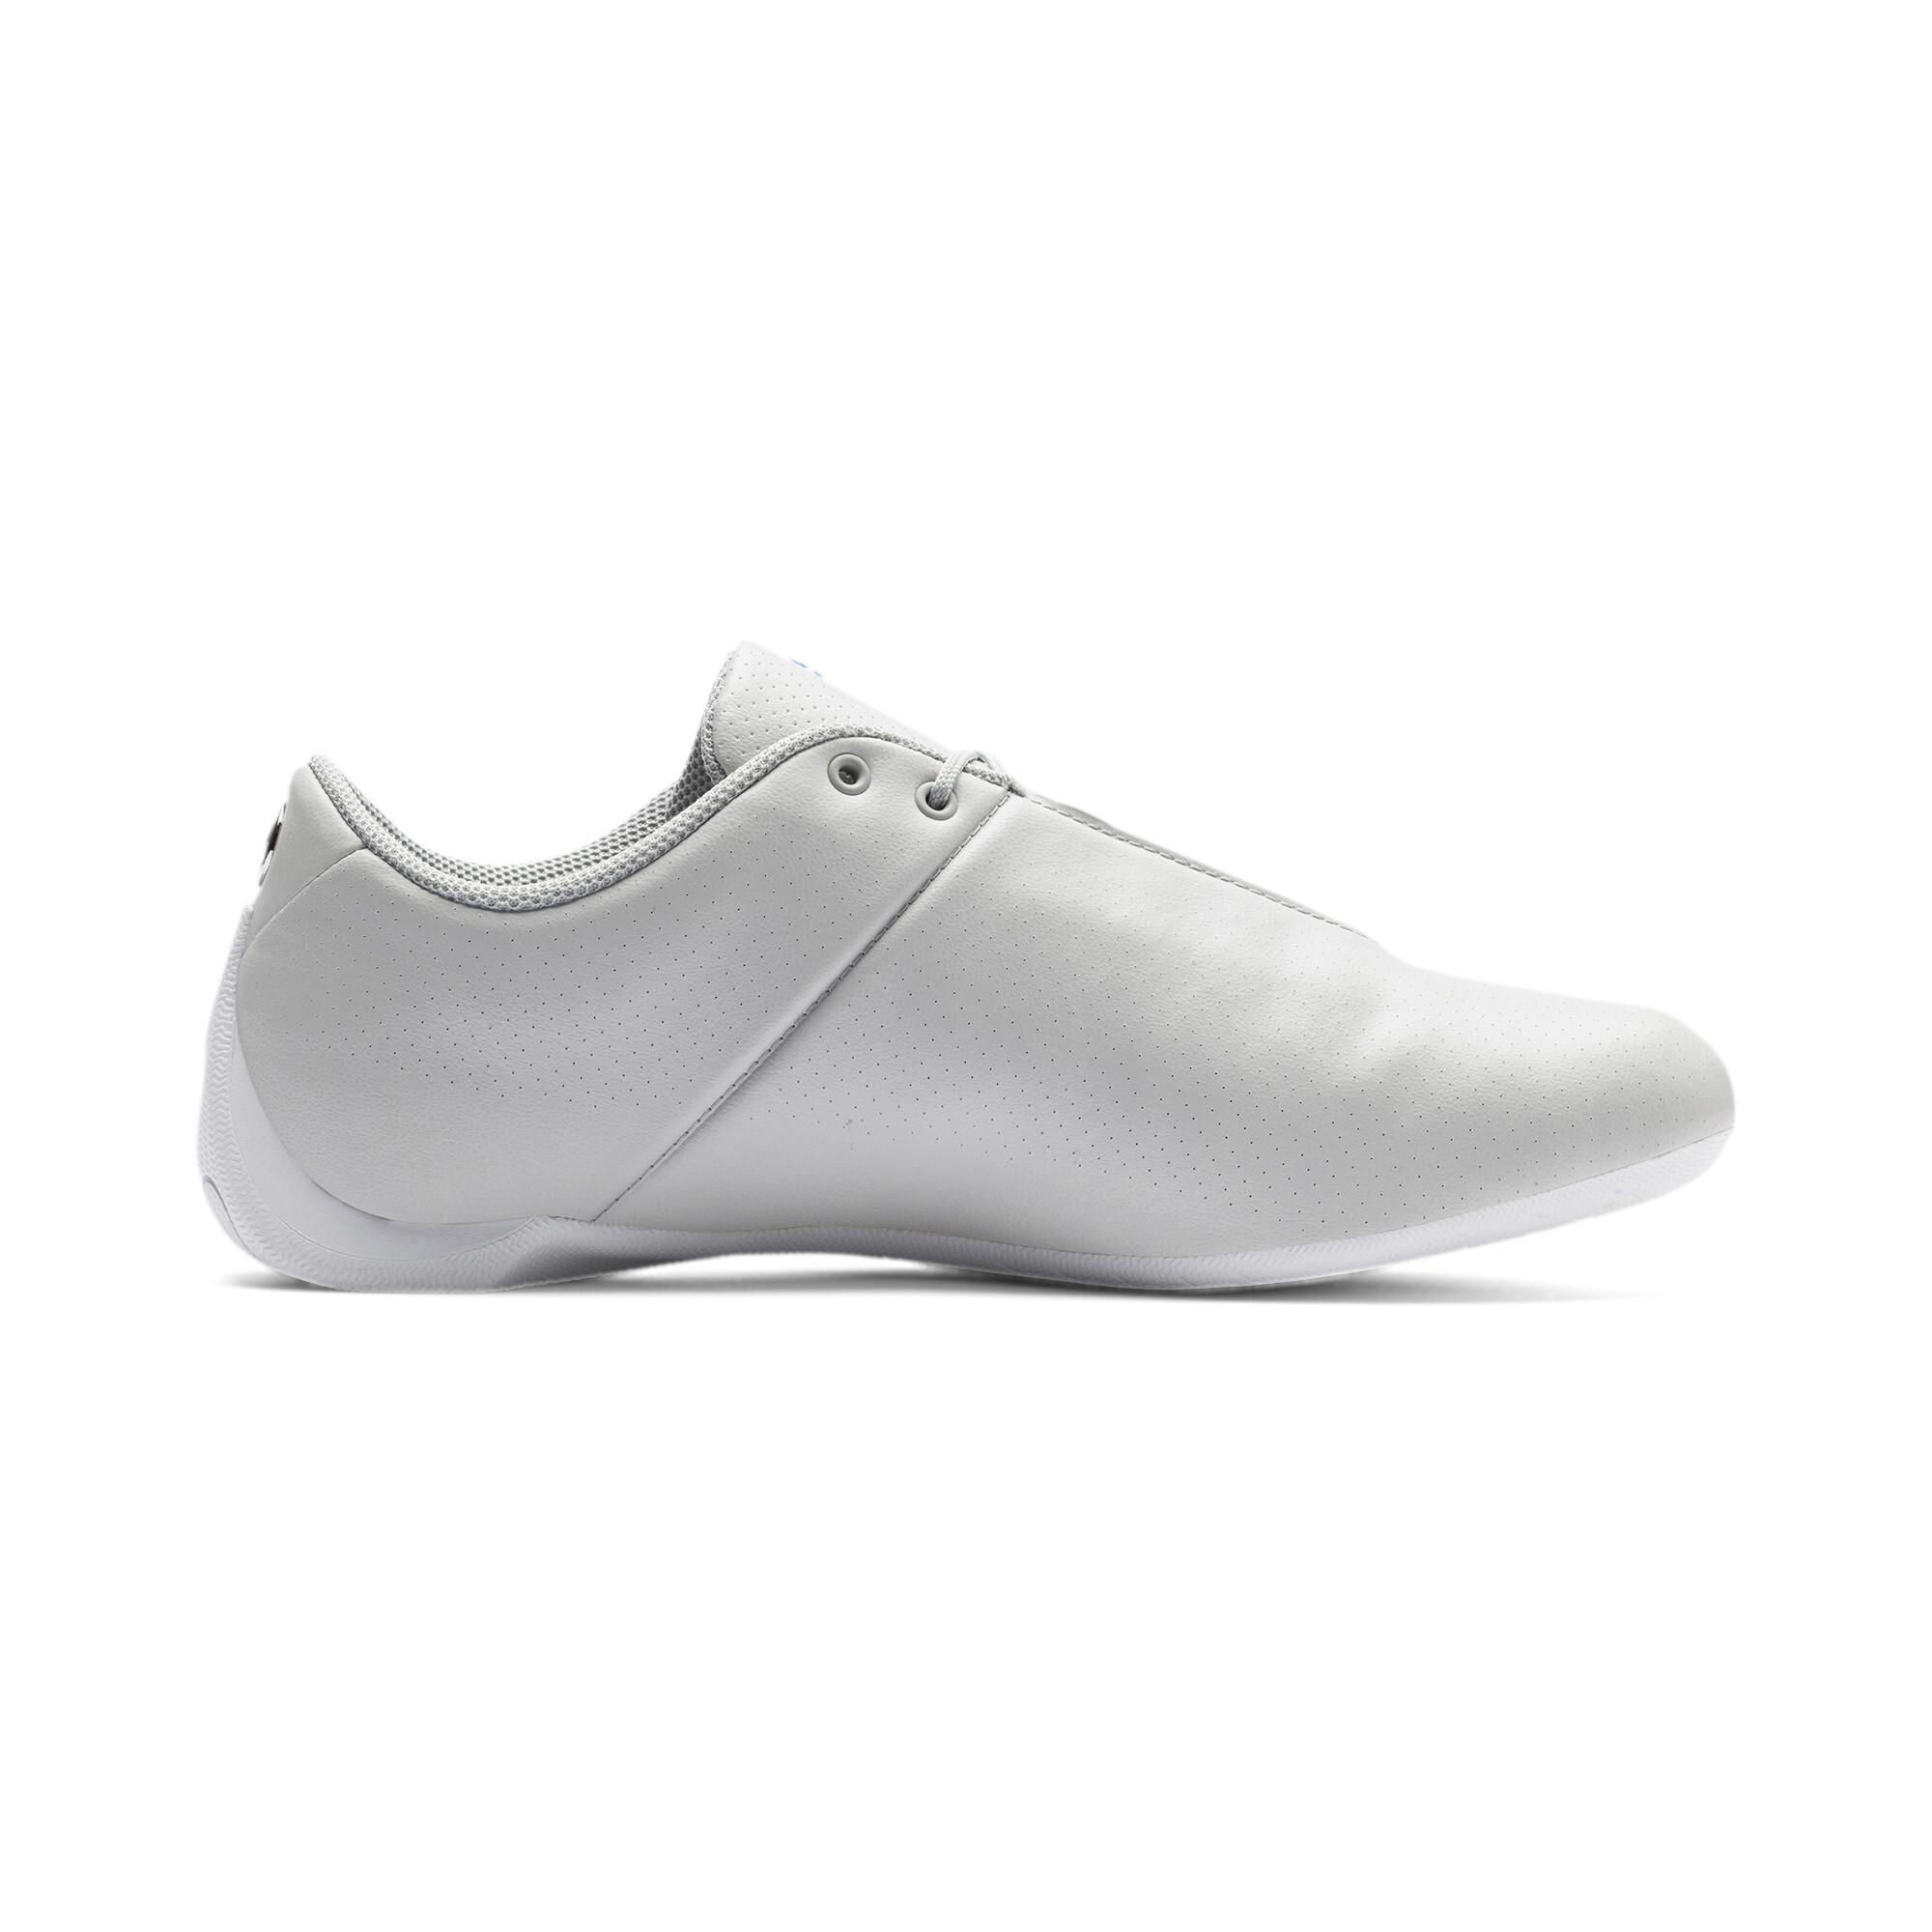 Indexbild 6 - PUMA MERCEDES AMG PETRONAS Future Cat Ultra Sneaker Unisex Schuhe Neu